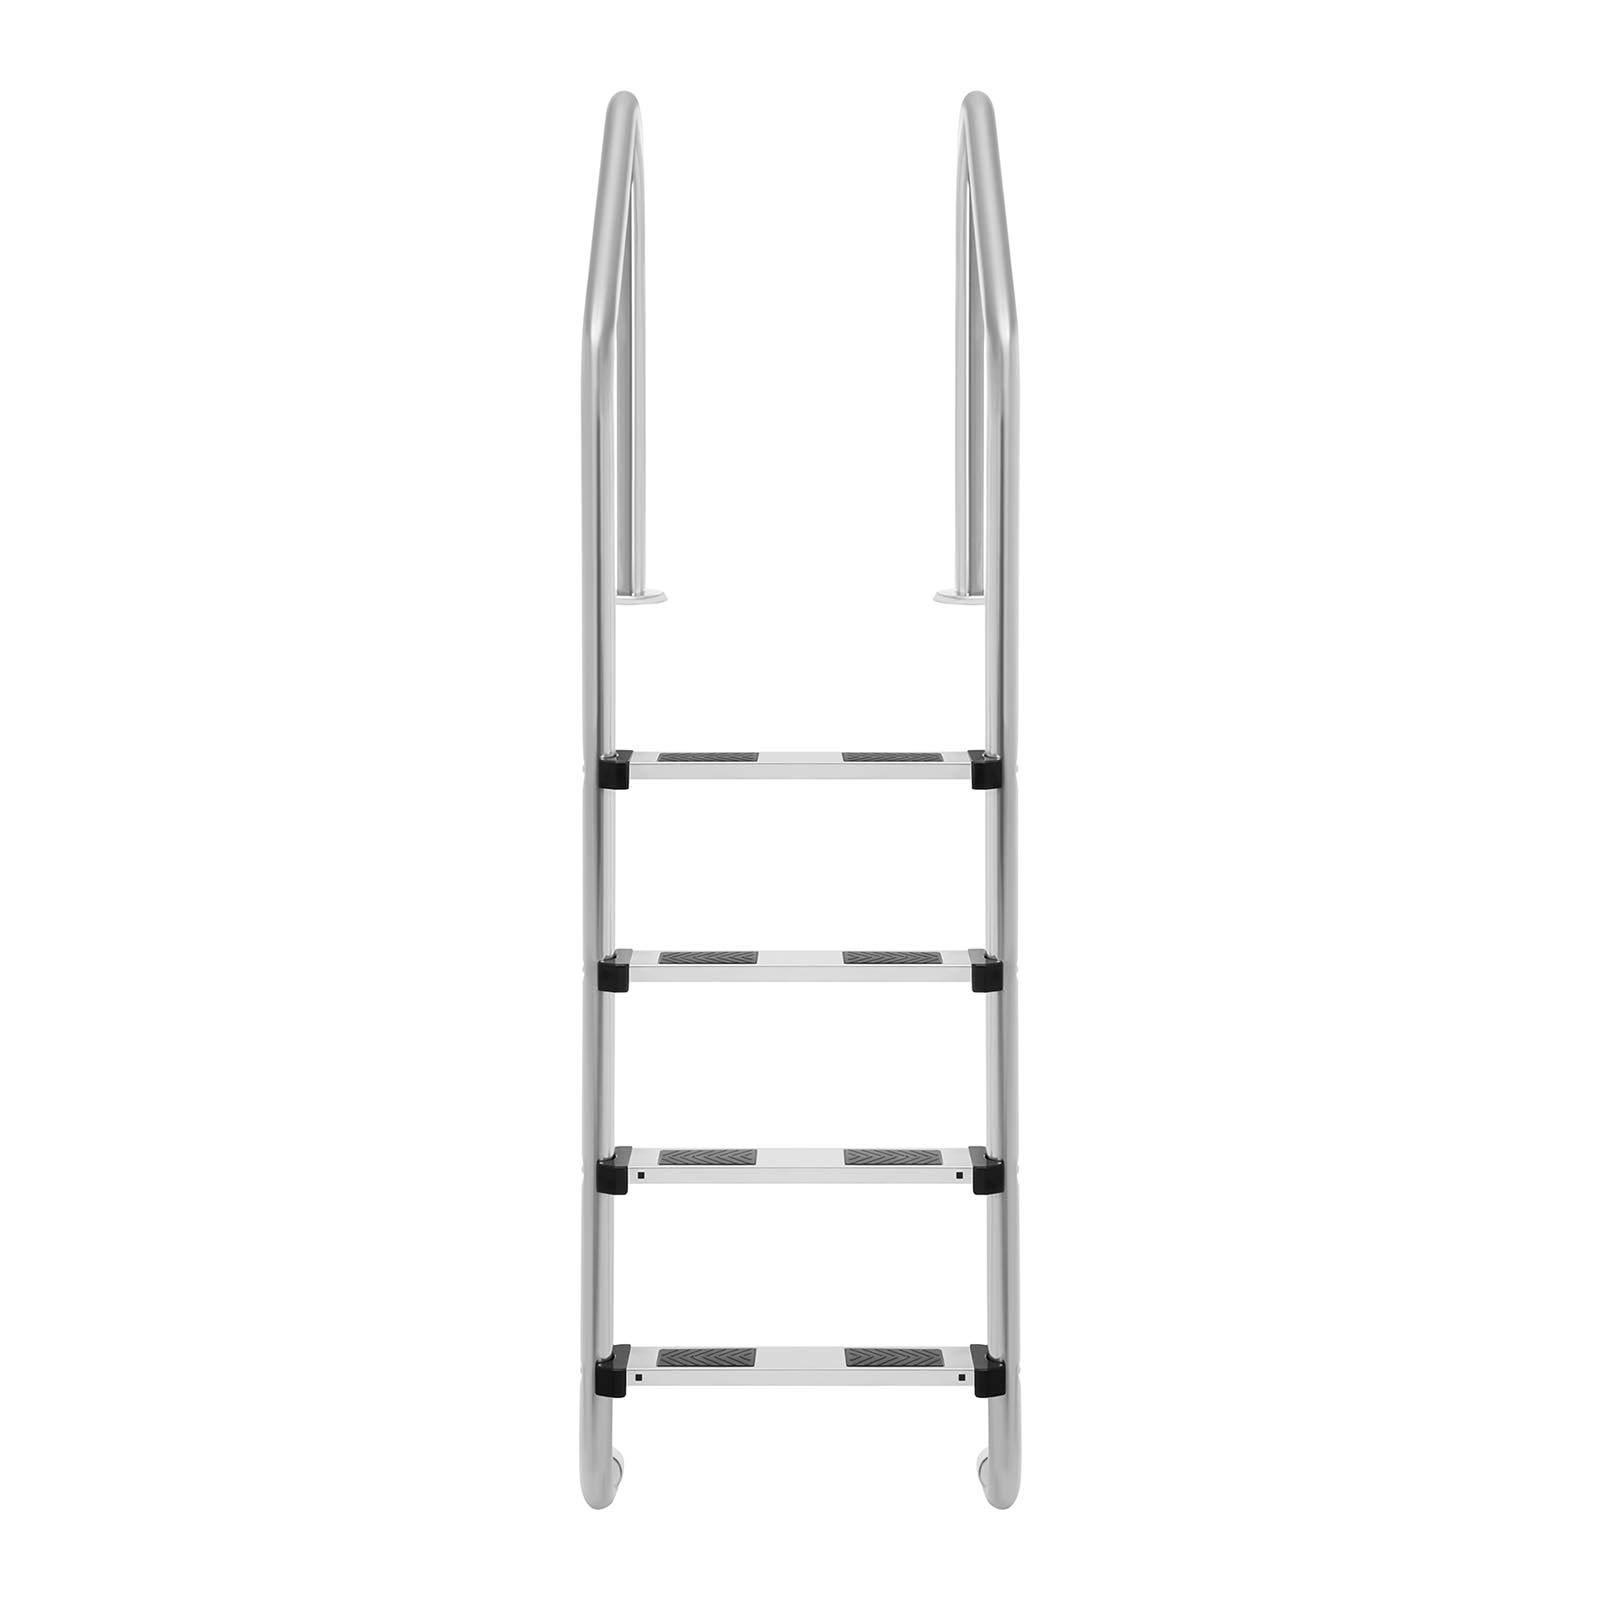 Uniprodo Escalera De Piscina Escalerilla Uni_Pool_Ladder_1820 (Ancho del Peldaño: 7,5 cm, 4 Peldaños, Perfil De Arco Normal): Amazon.es: Jardín